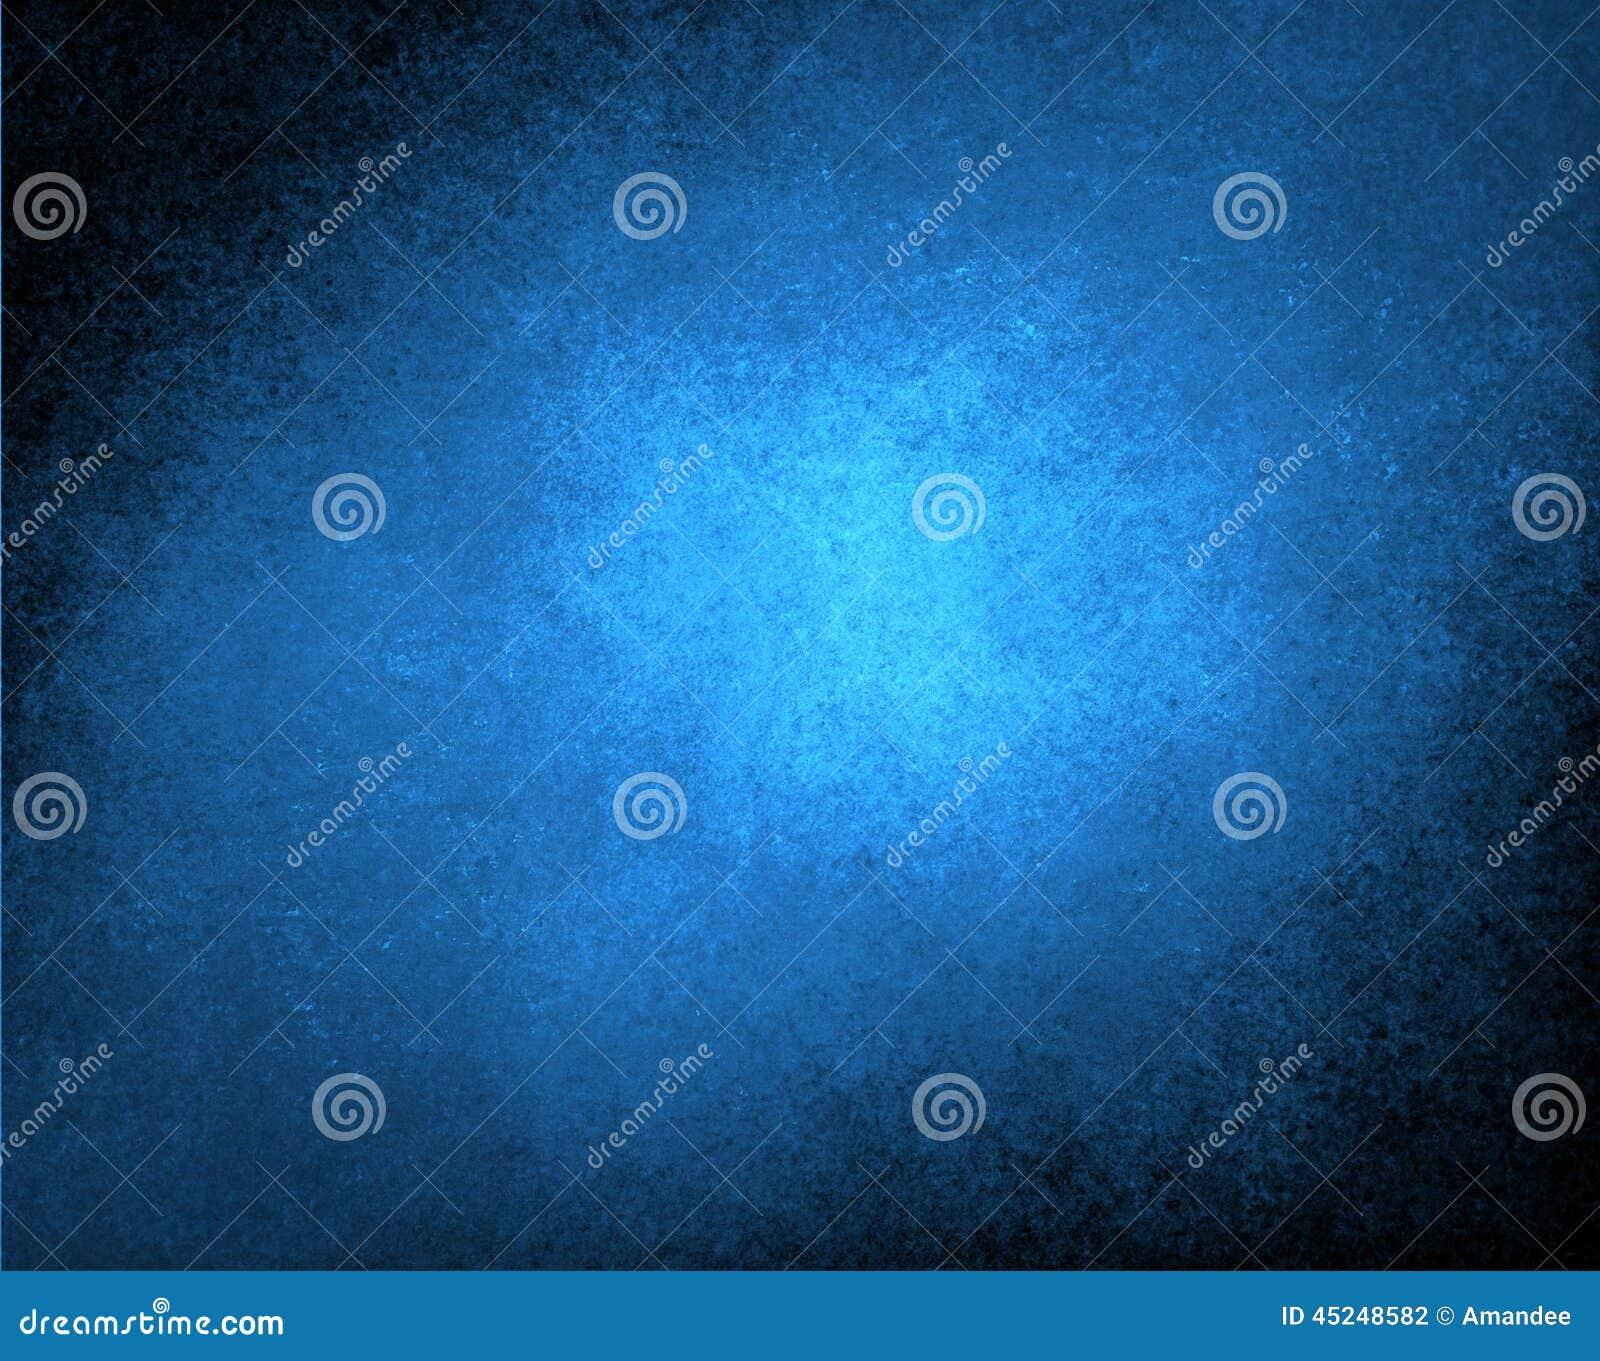 De blauwe textuur als achtergrond voor website of de grafische kunst ontwerpt element, gekraste lijntextuur